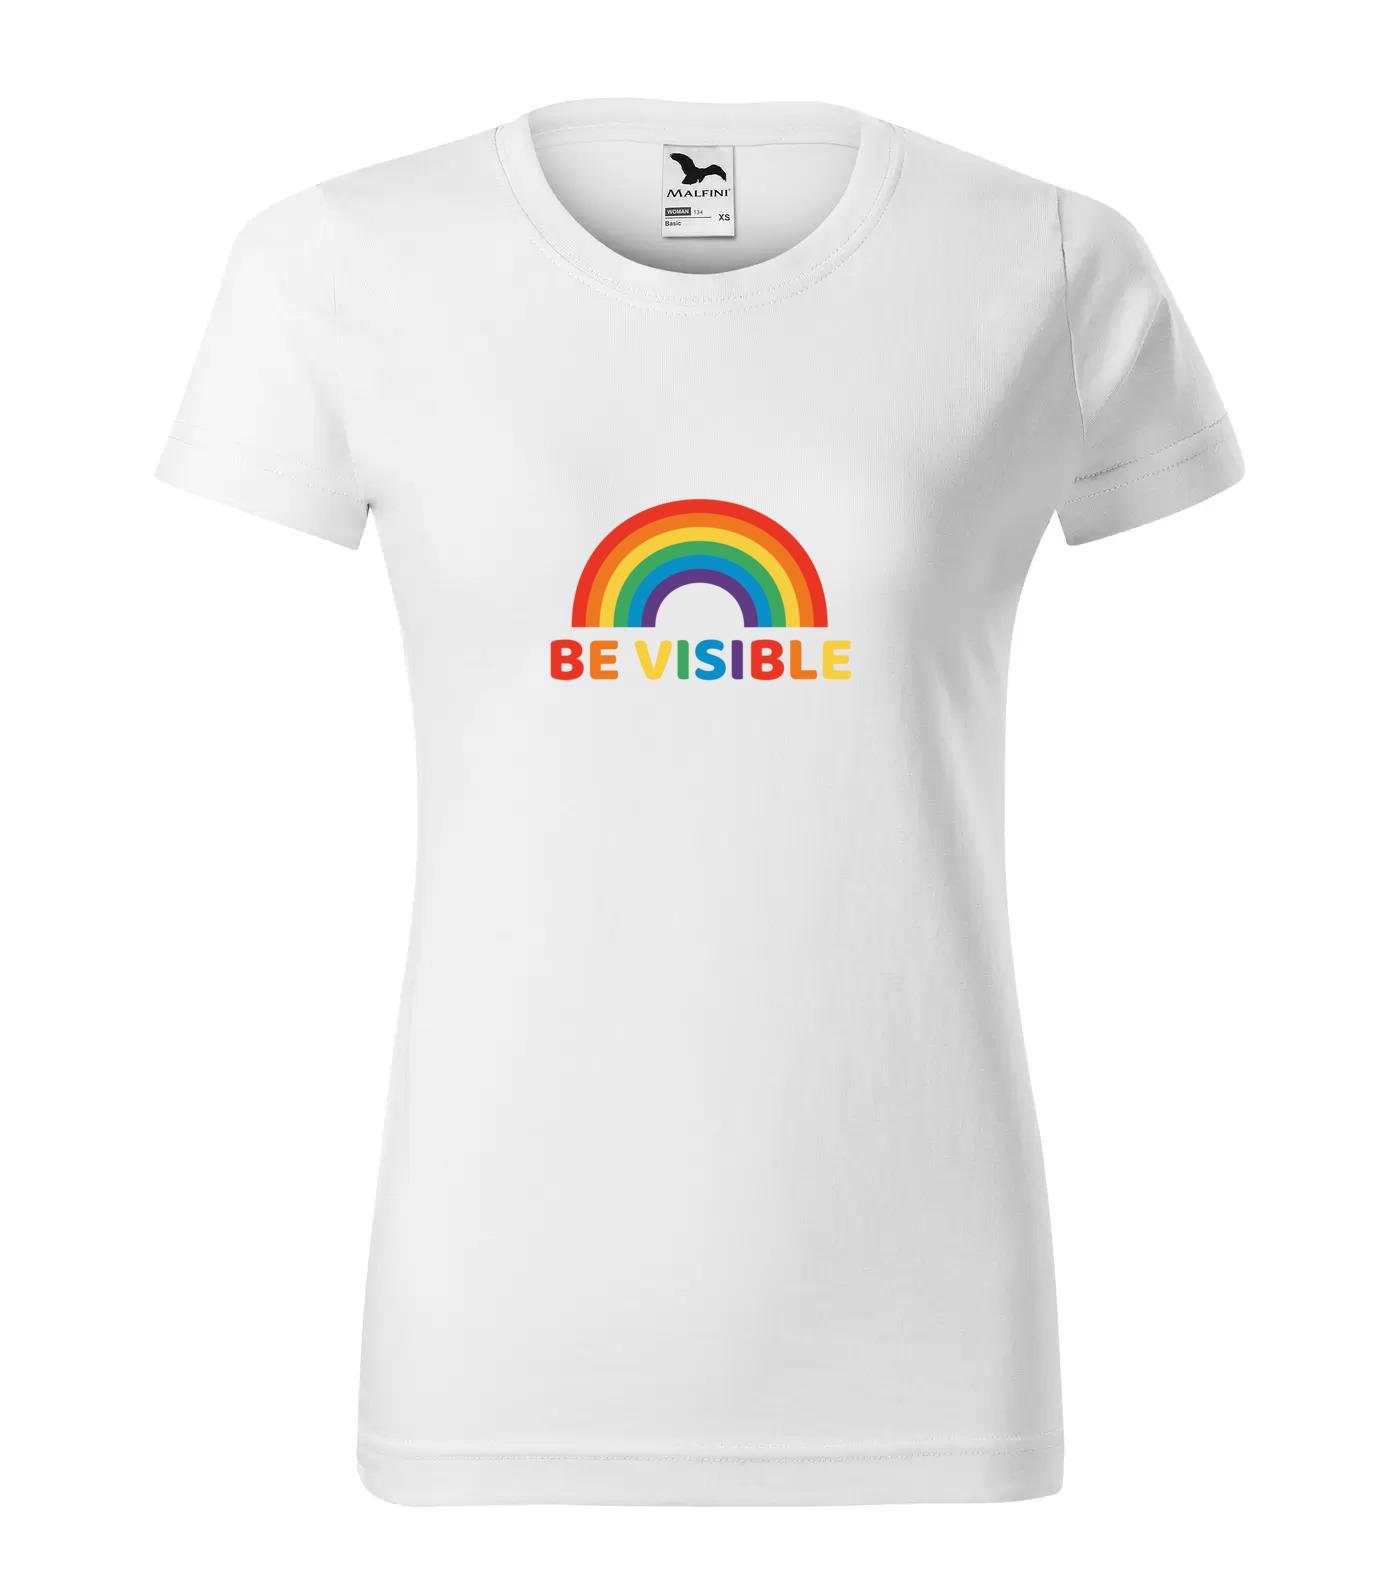 Tričko LGBT BeVisible